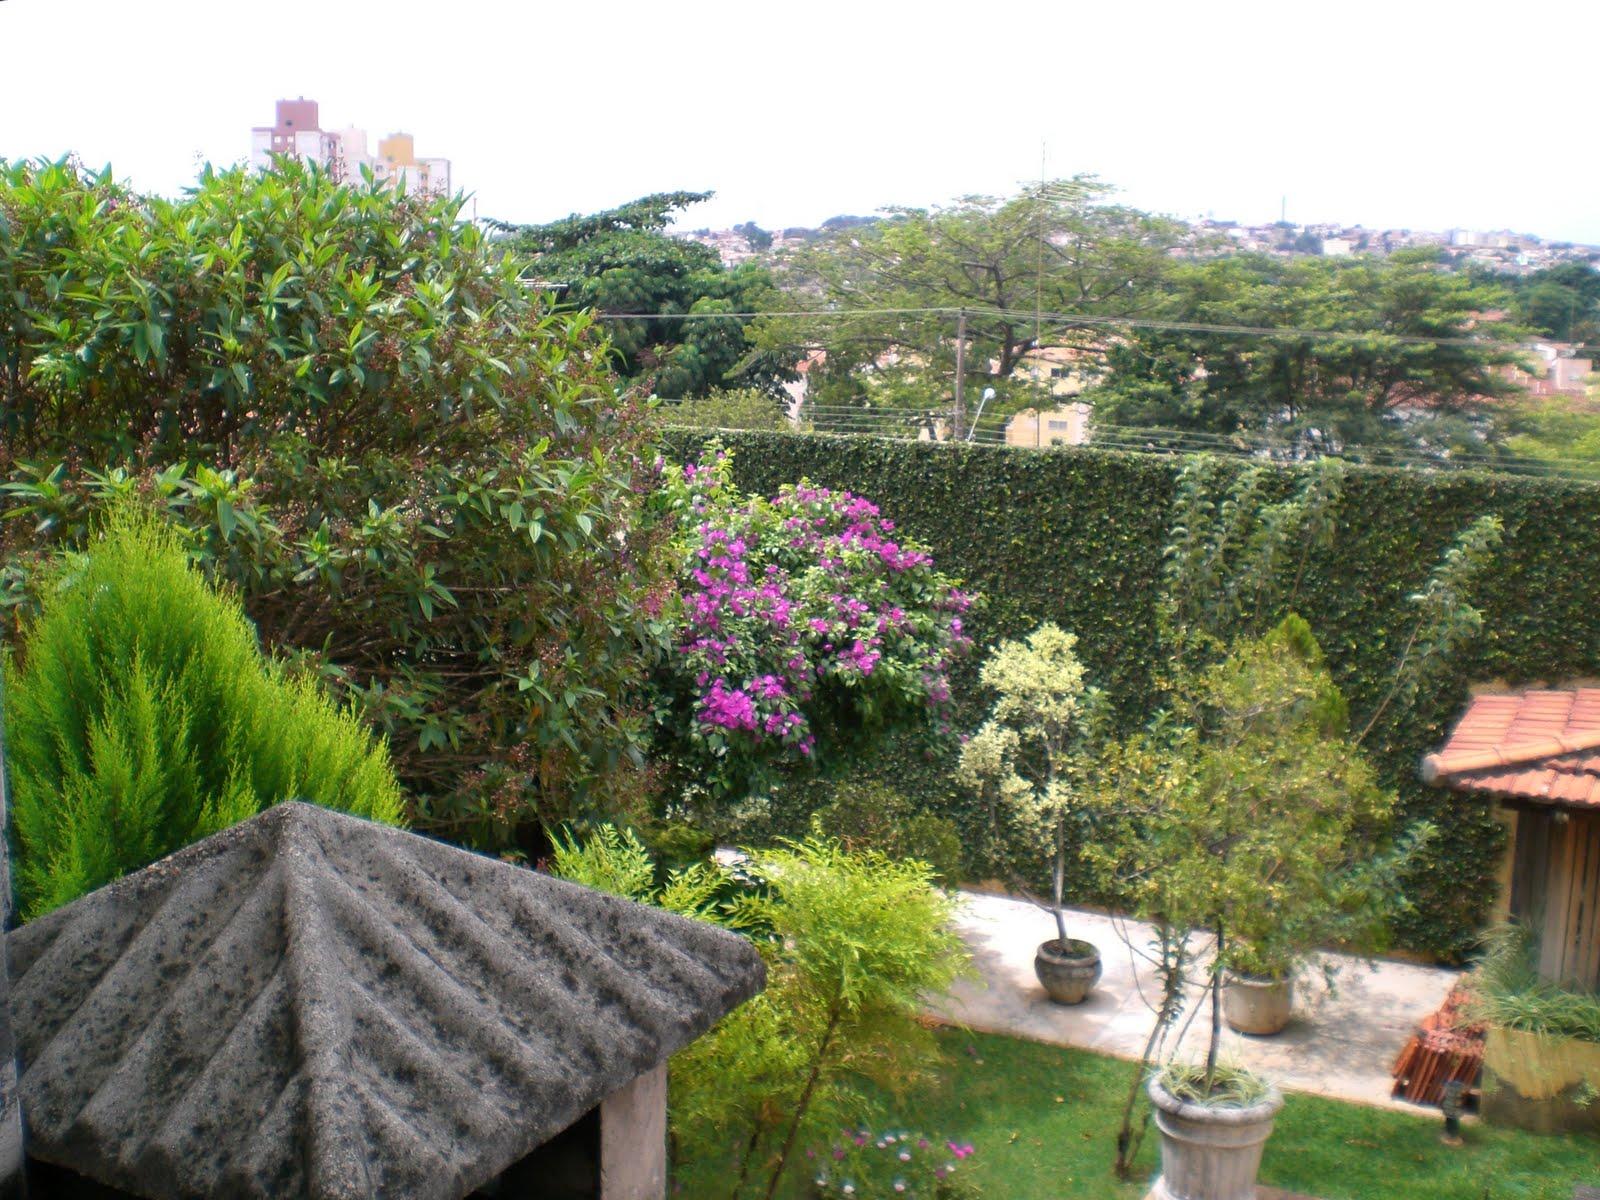 meu quintal meu jardim : meu quintal meu jardim:Alguns cantinhos do meu quintal jardim que eu prezo demais..é